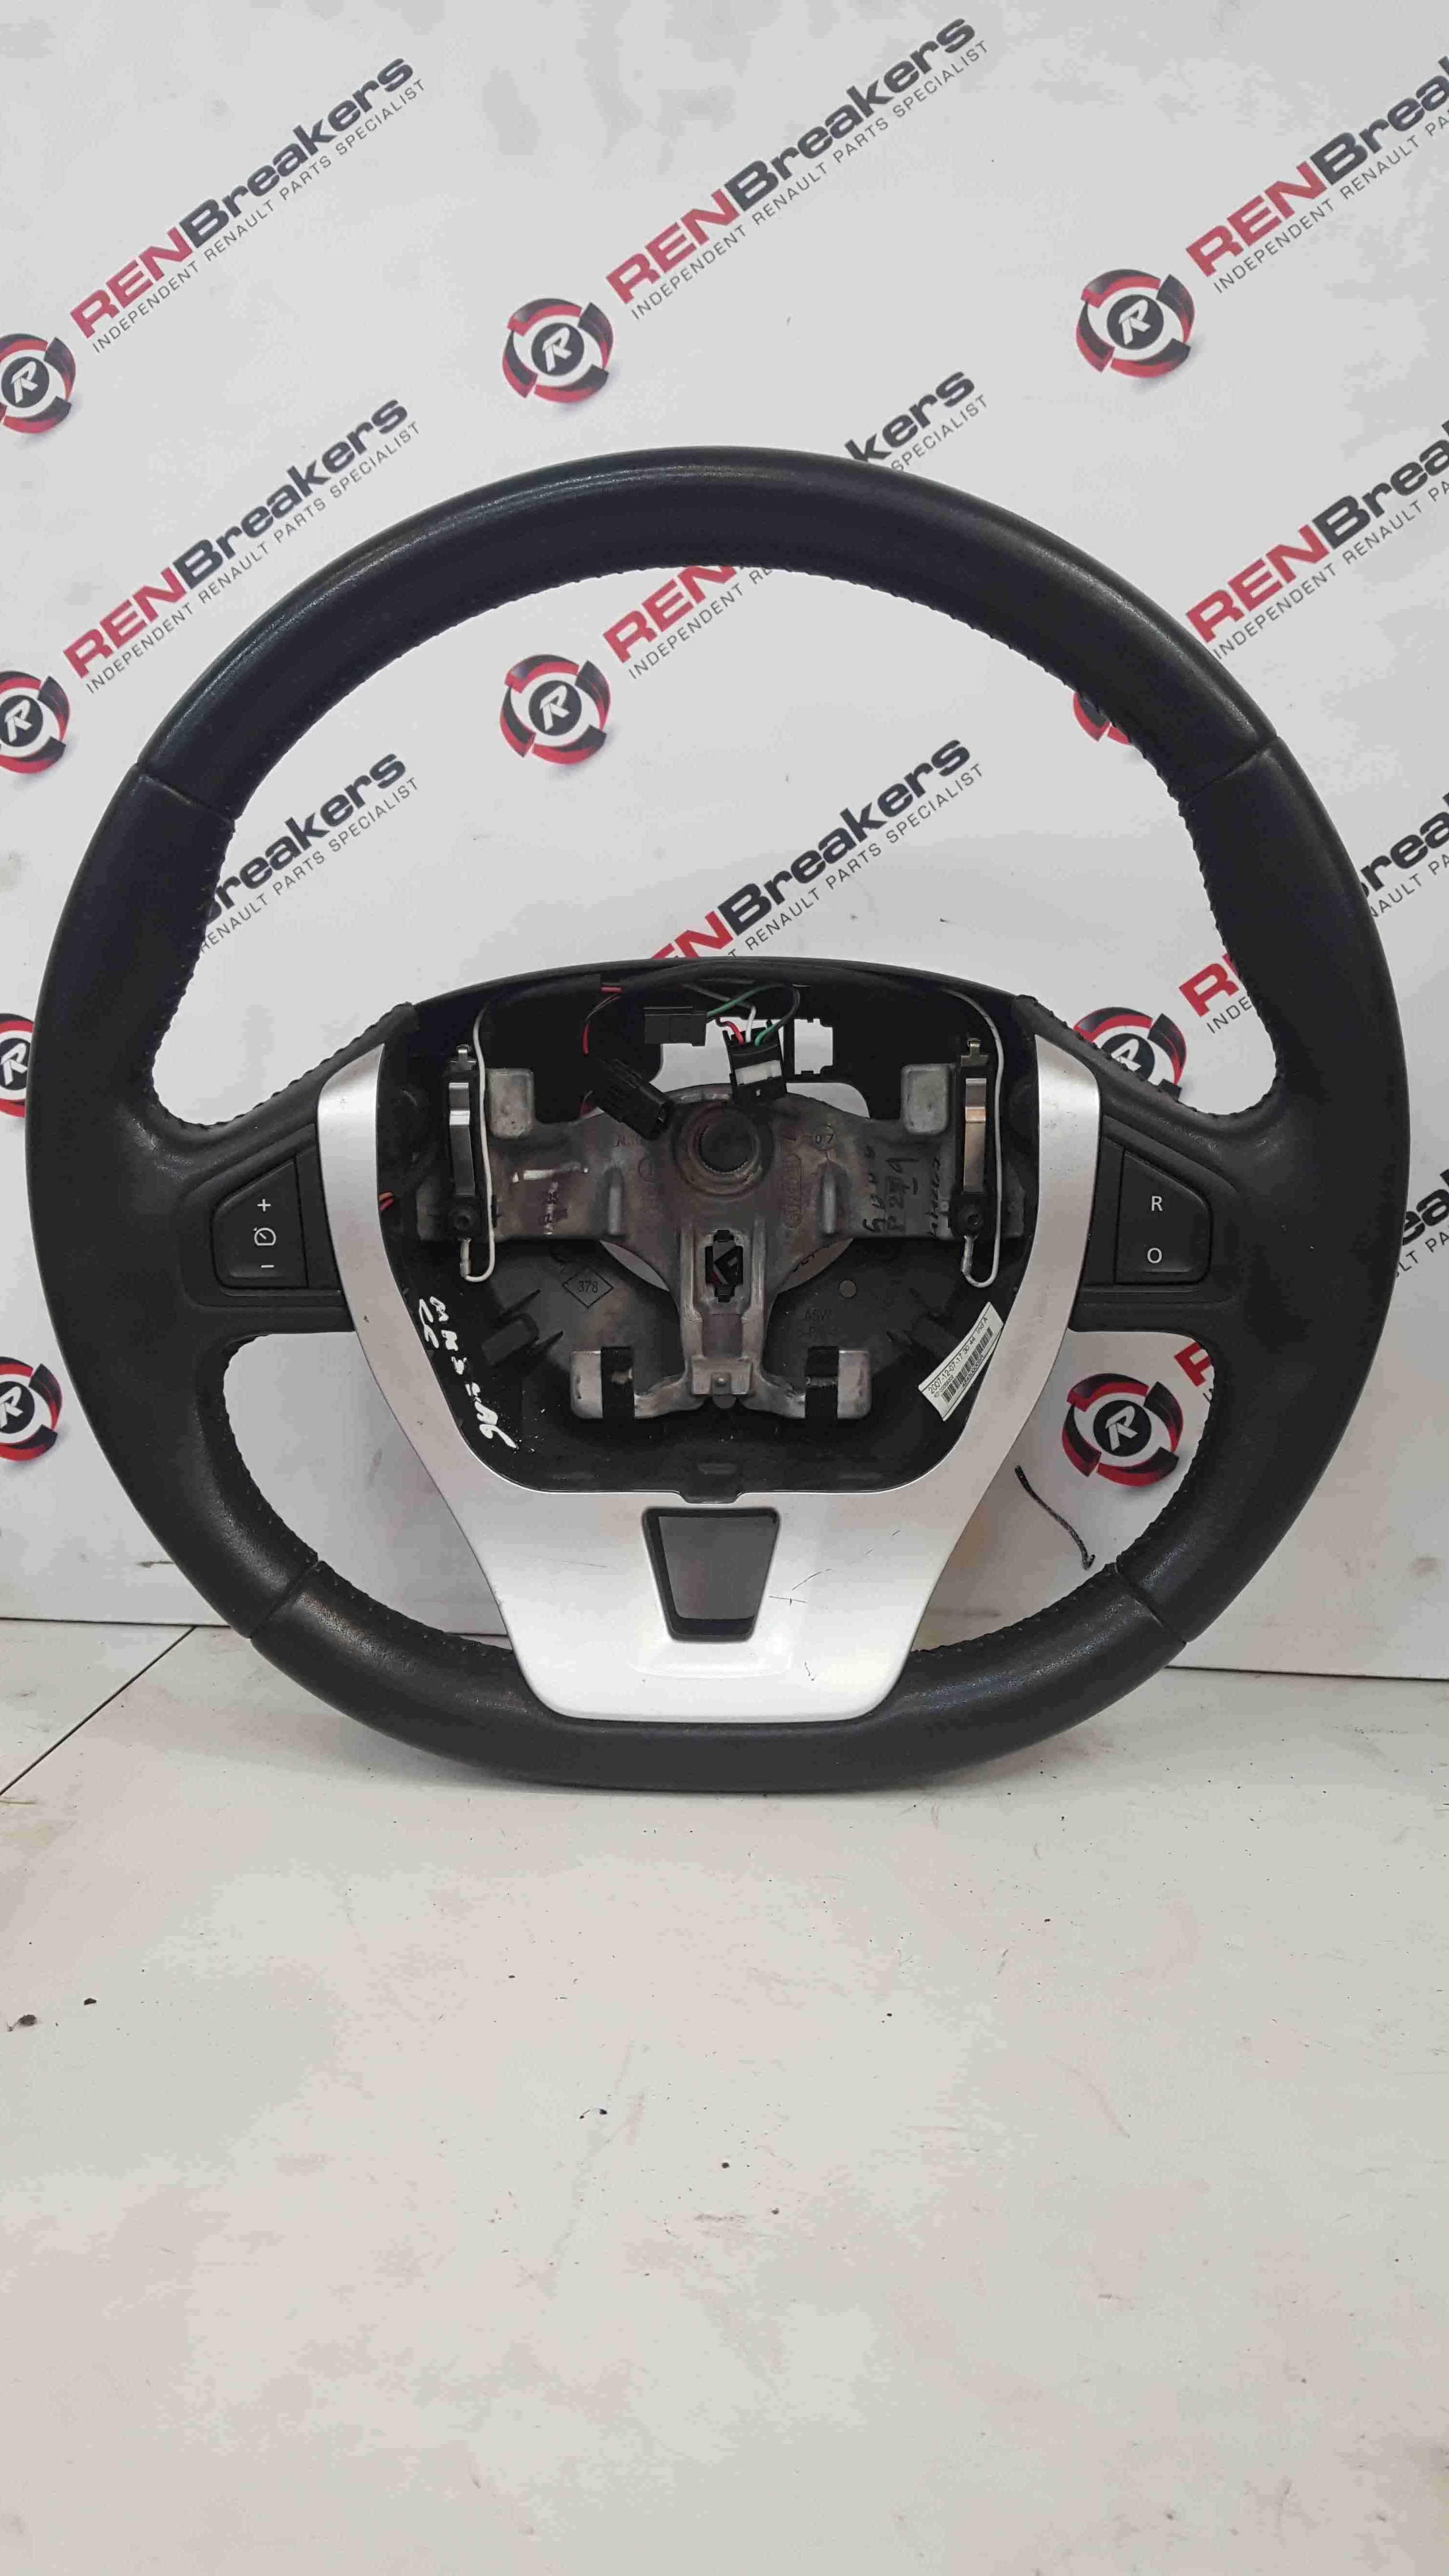 Renault Laguna MK3 2007-2012 Steering Wheel 484300005R